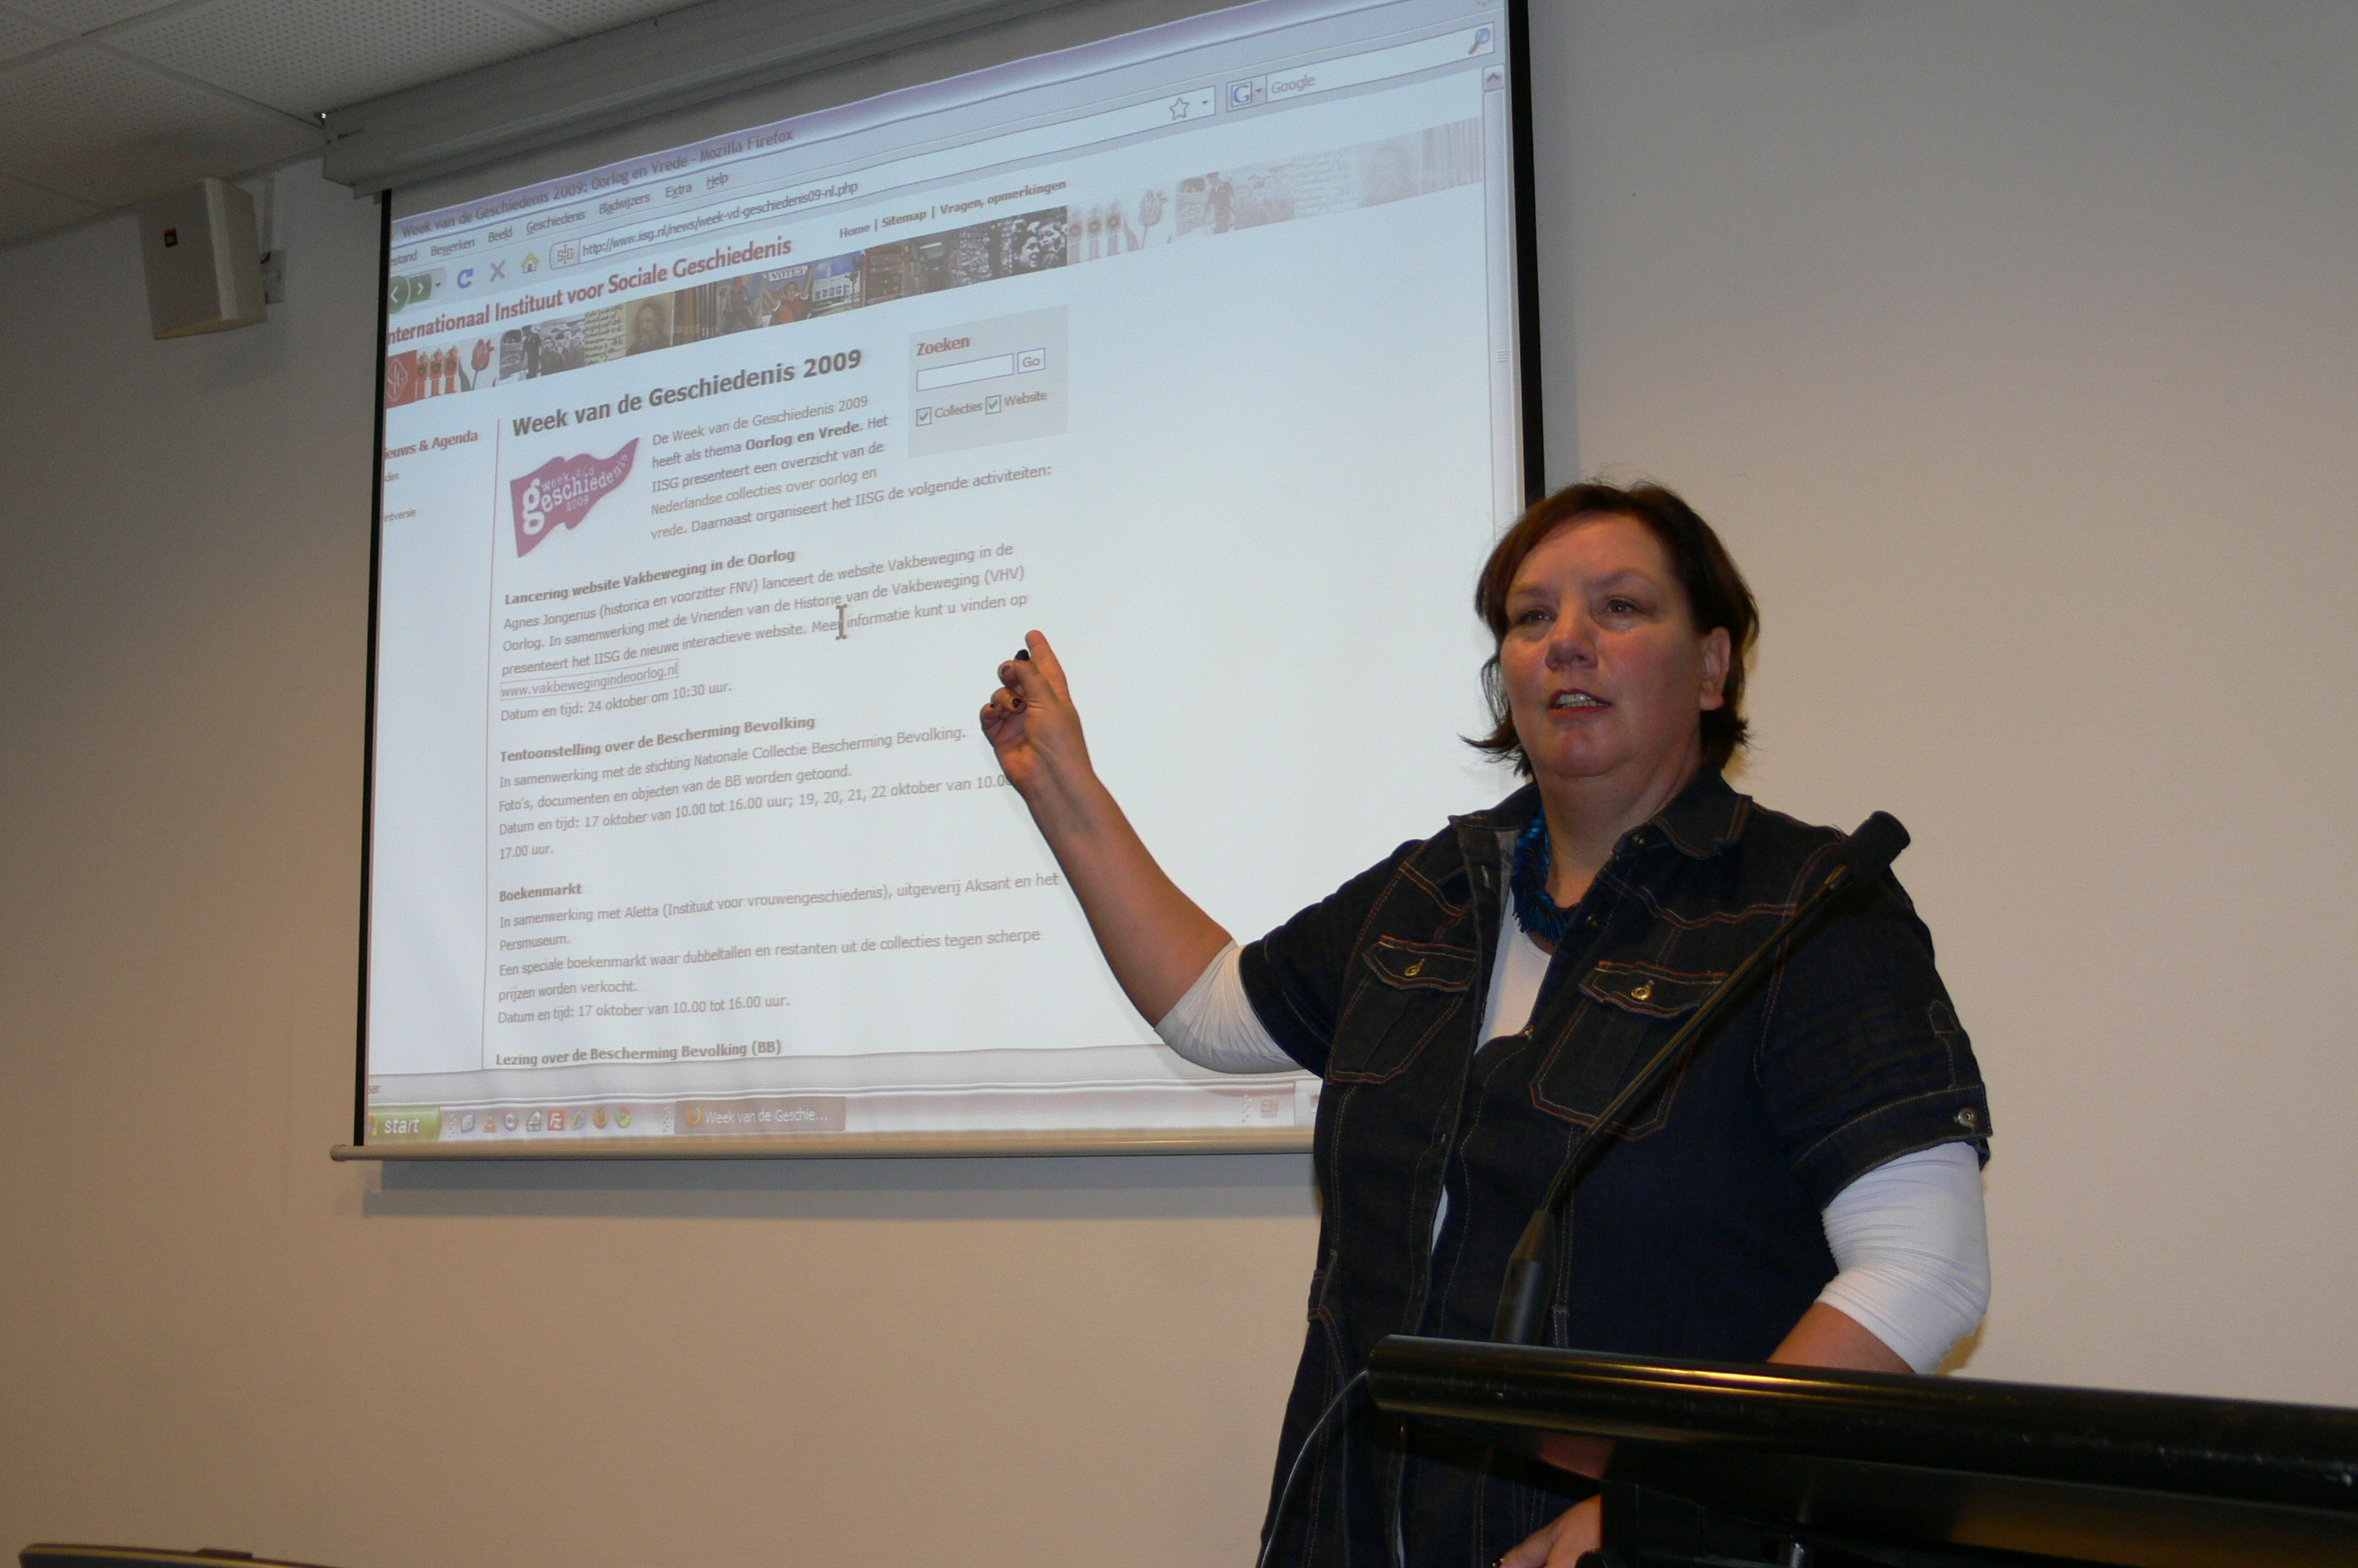 Agnes Jongerius lanceert de website Vakbeweging in de Oorlog, 24 oktober 2009